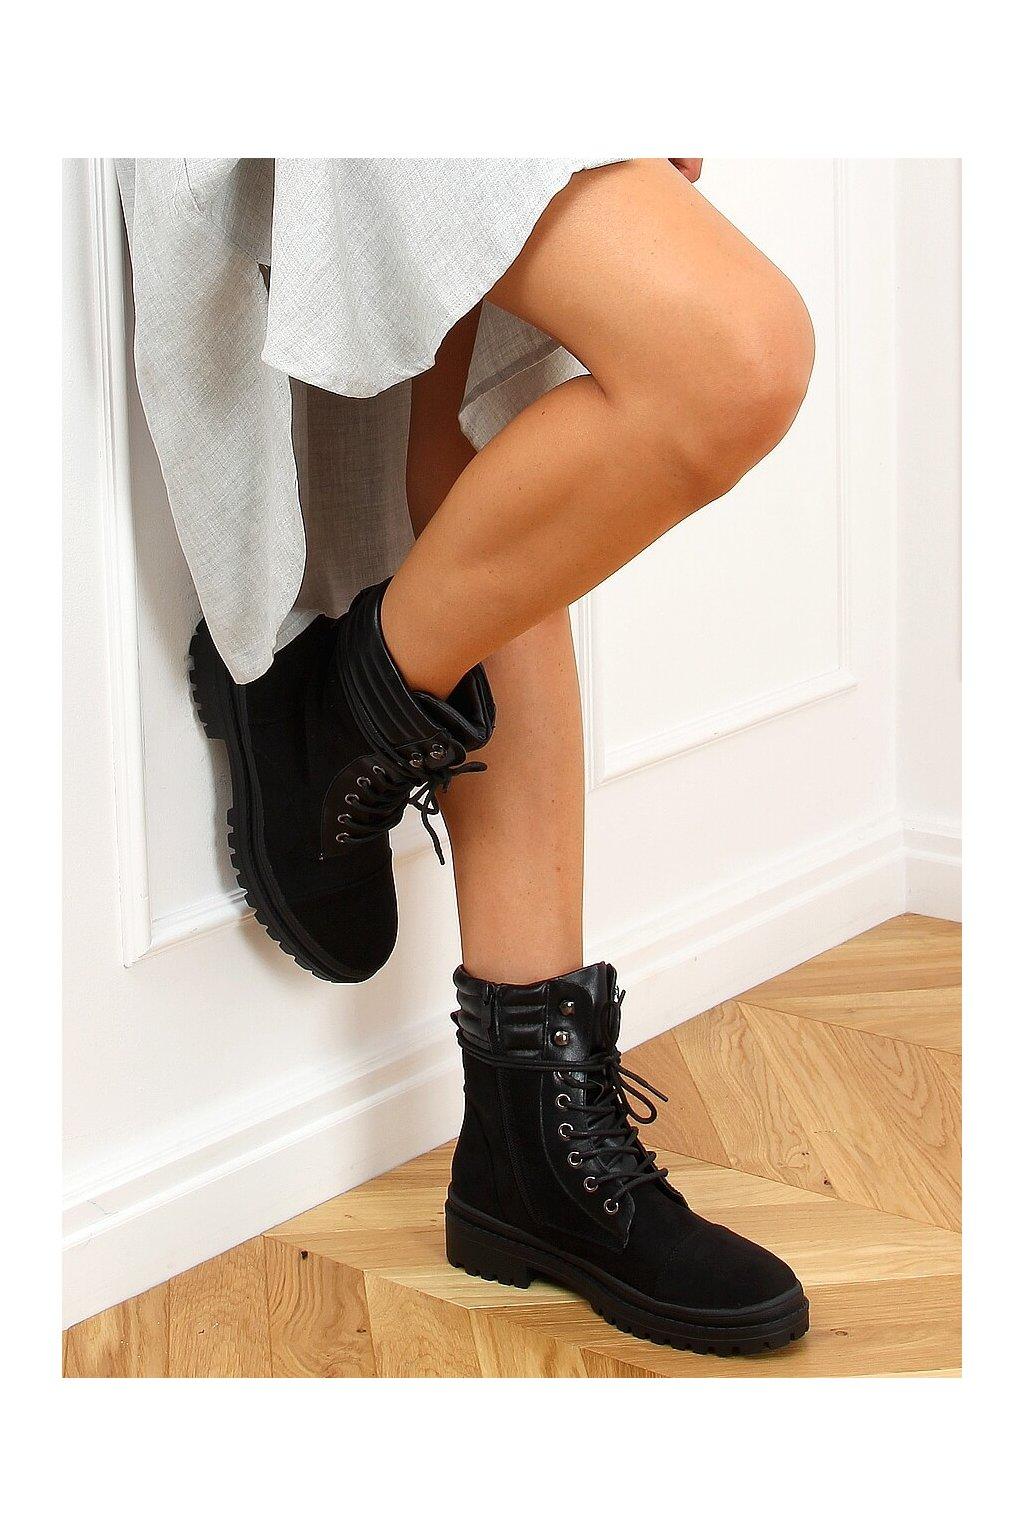 Dámske členkové topánky čierne na plochom podpätku 5466